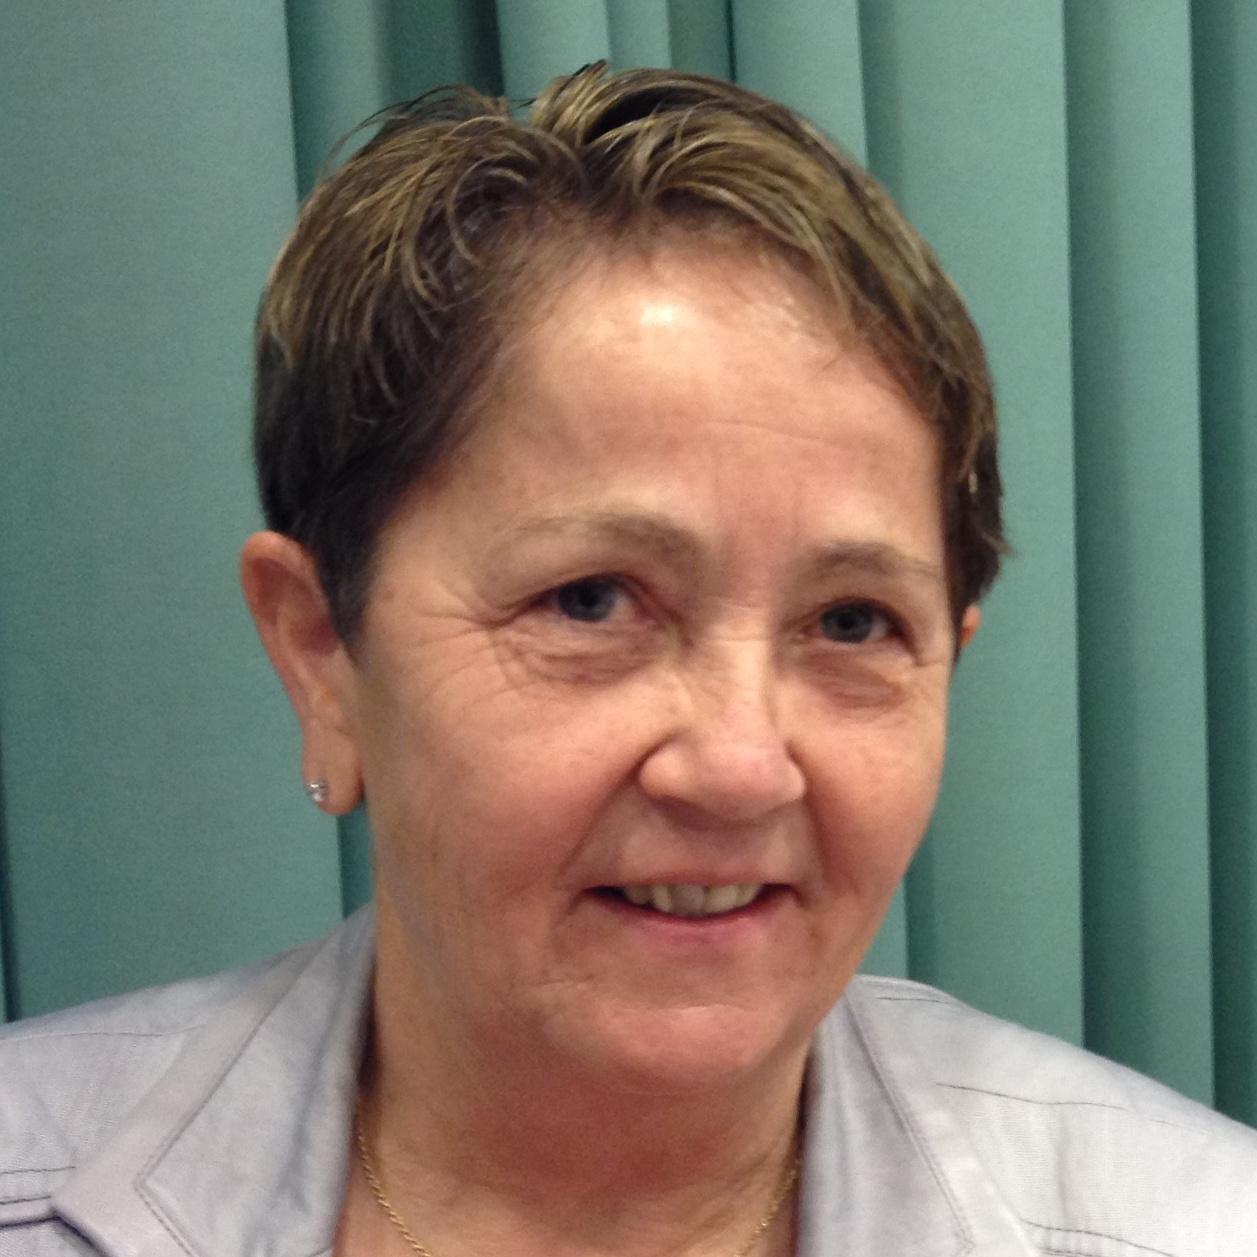 Hildegard Fässler, a. conseillère nationale et experte dans les questions économiques